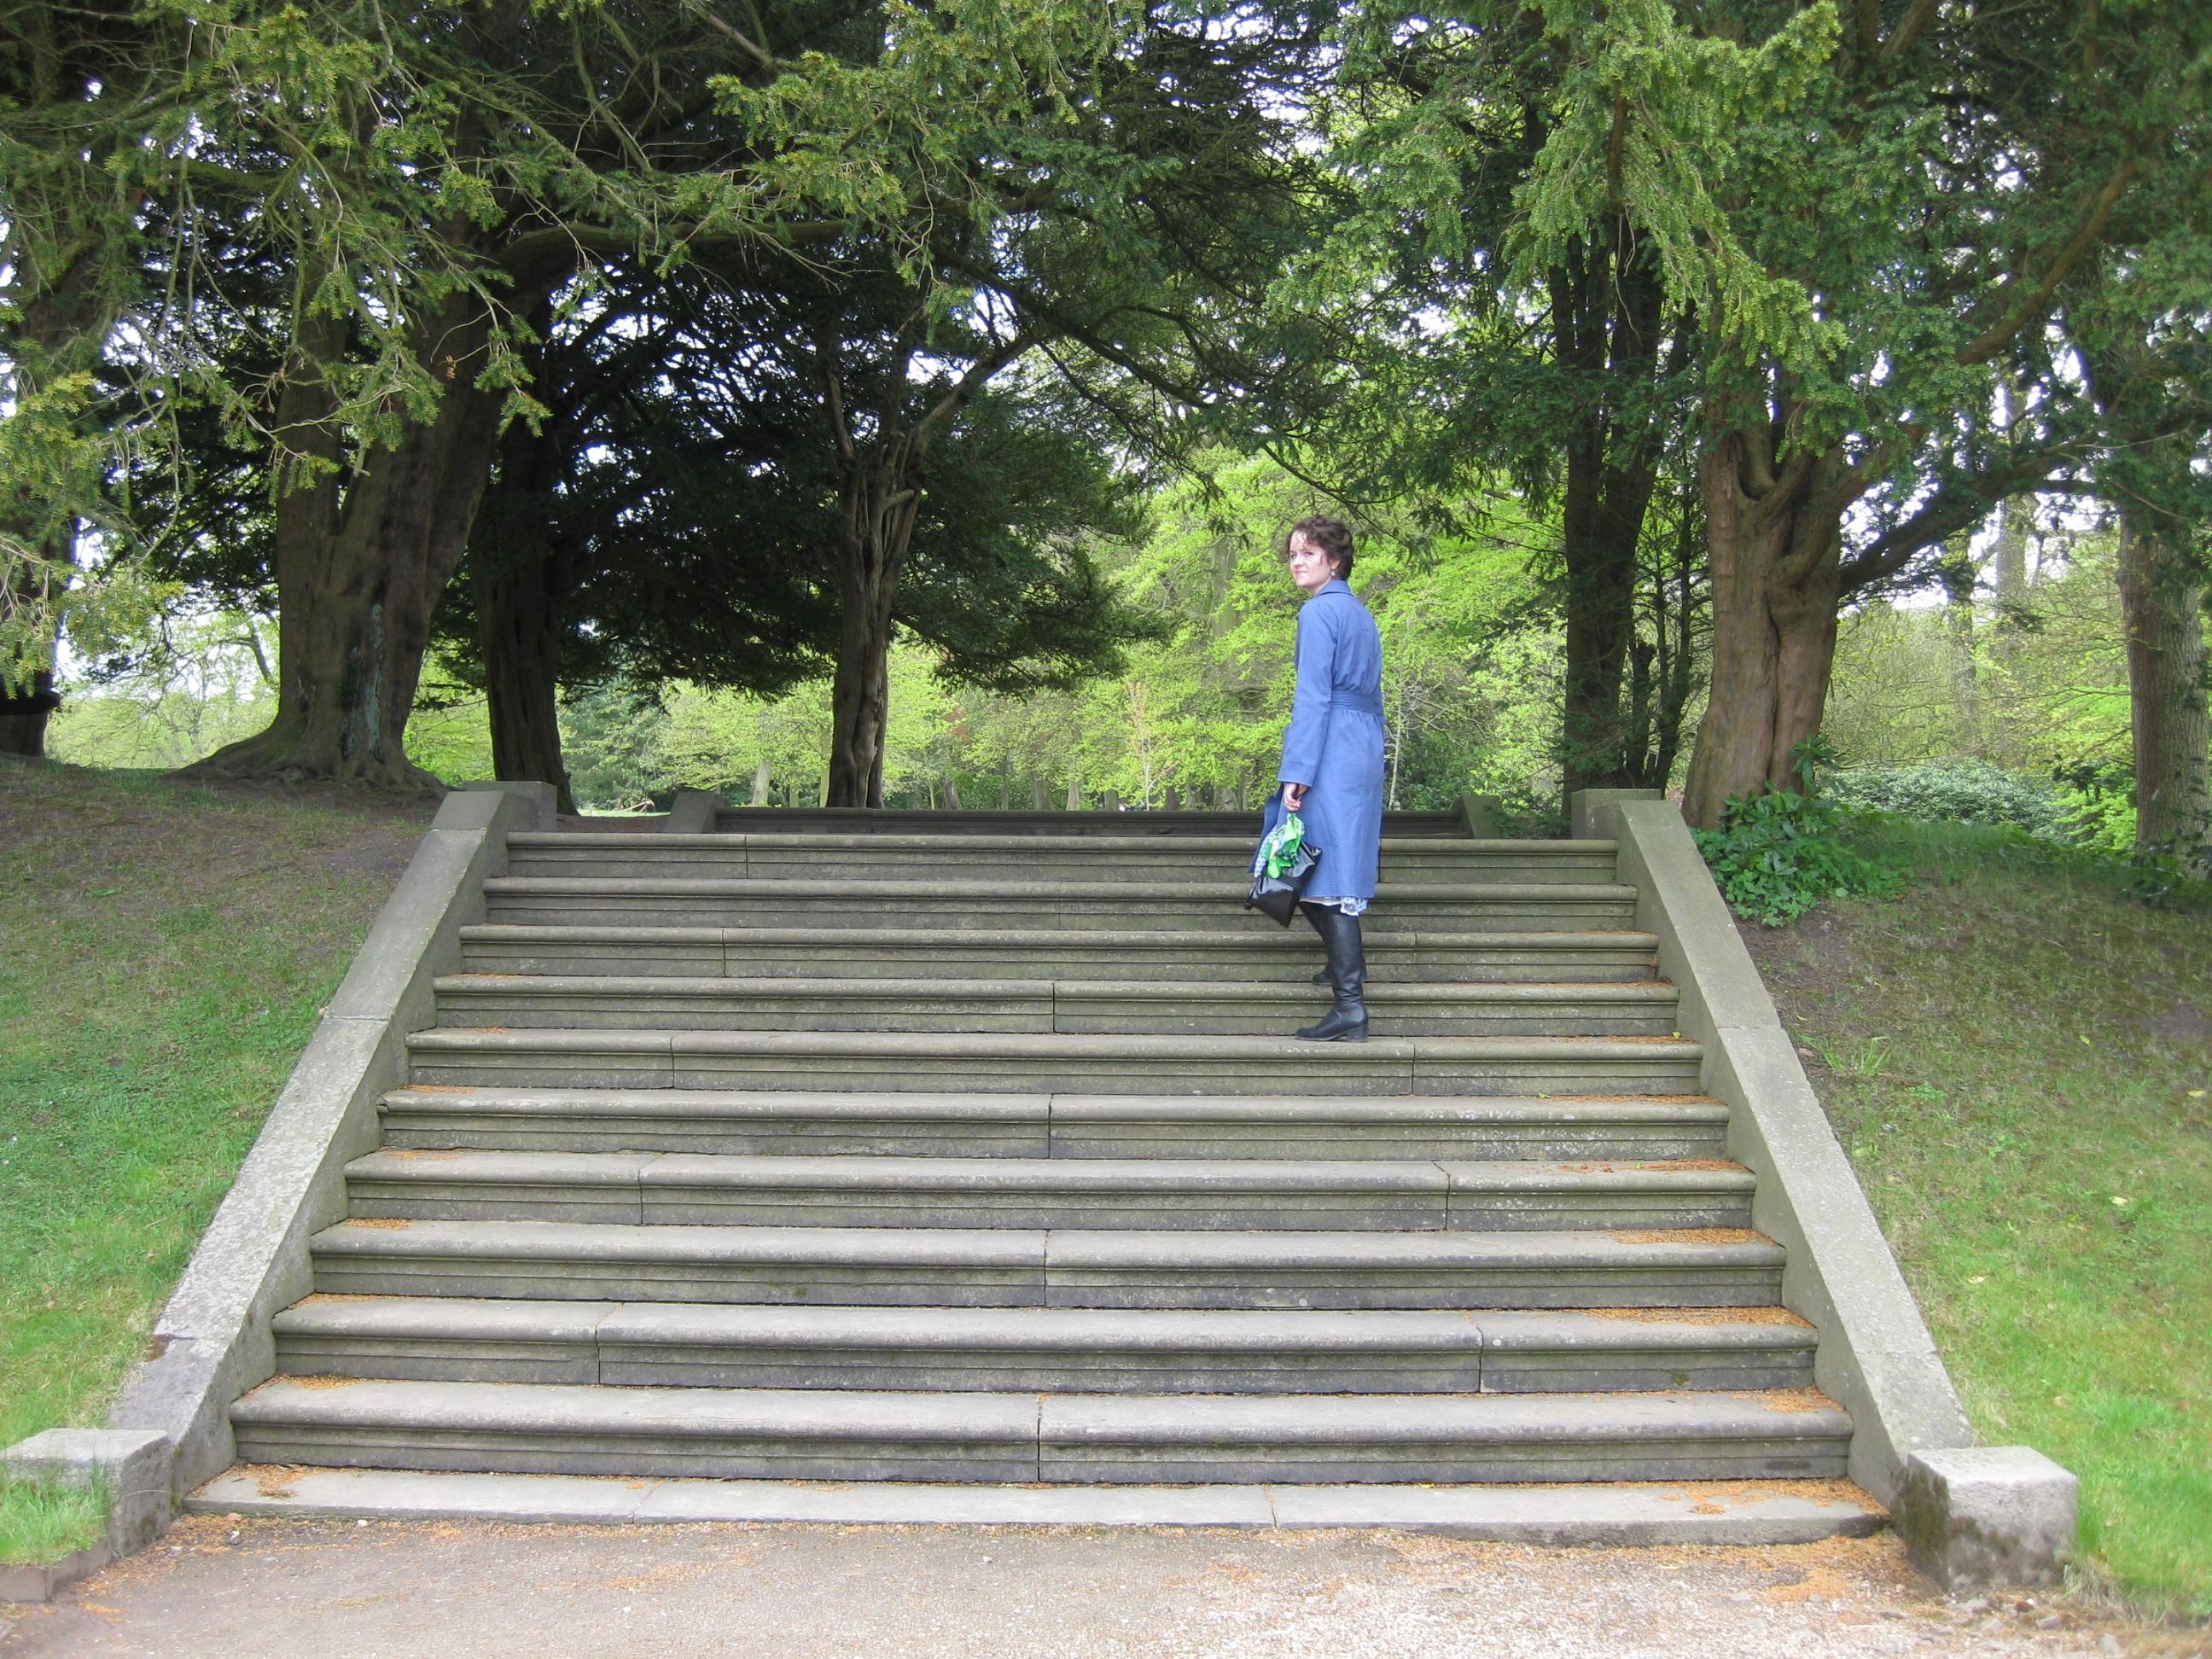 The Pemberley steps